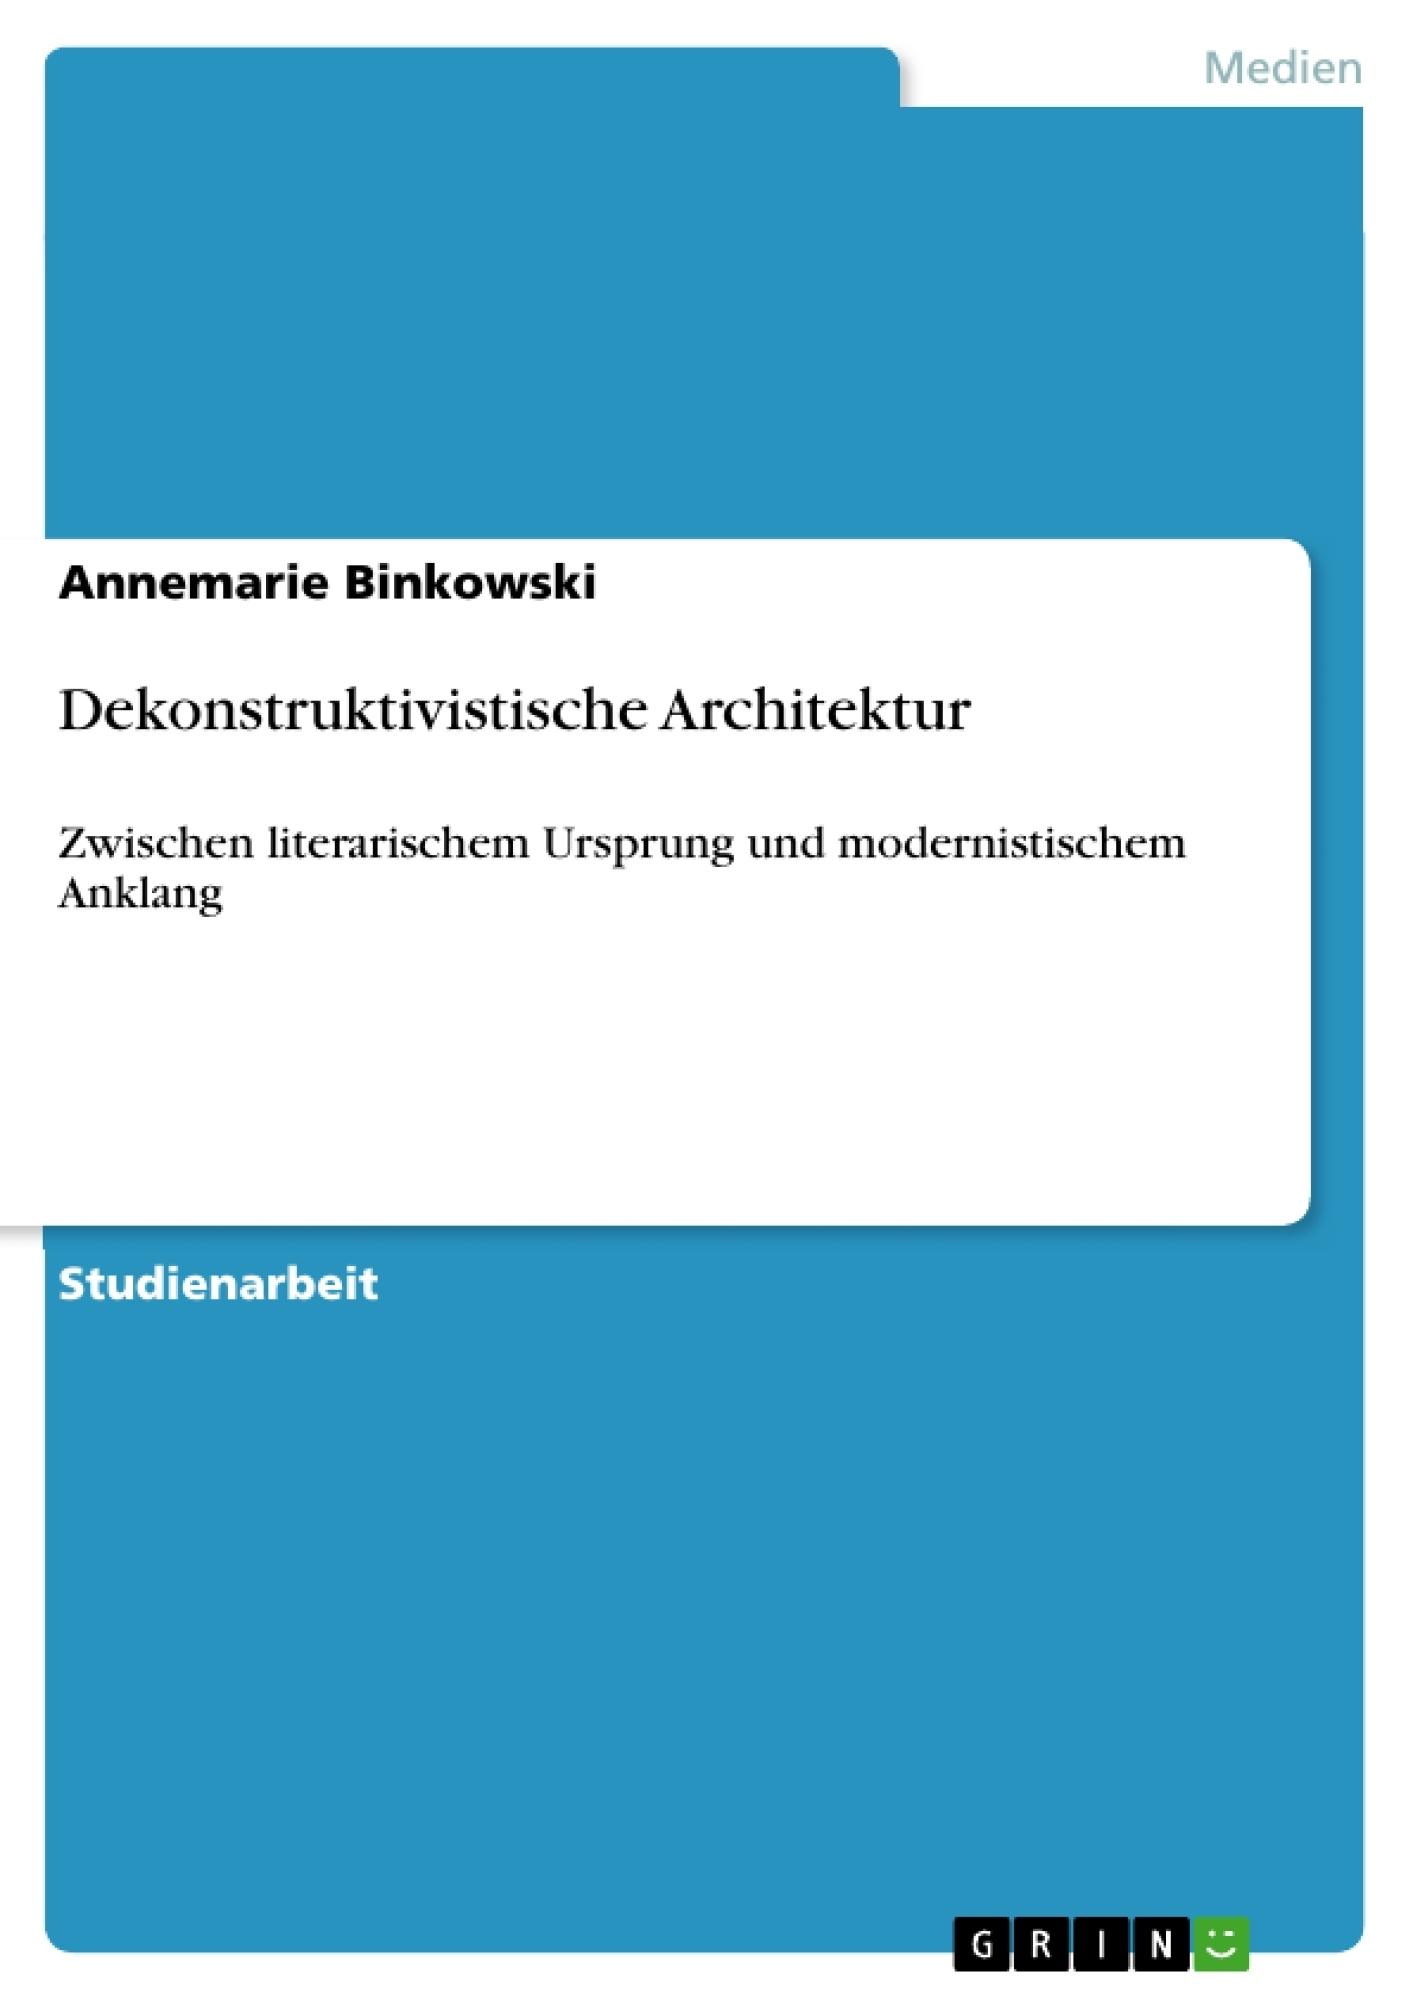 Titel: Dekonstruktivistische Architektur